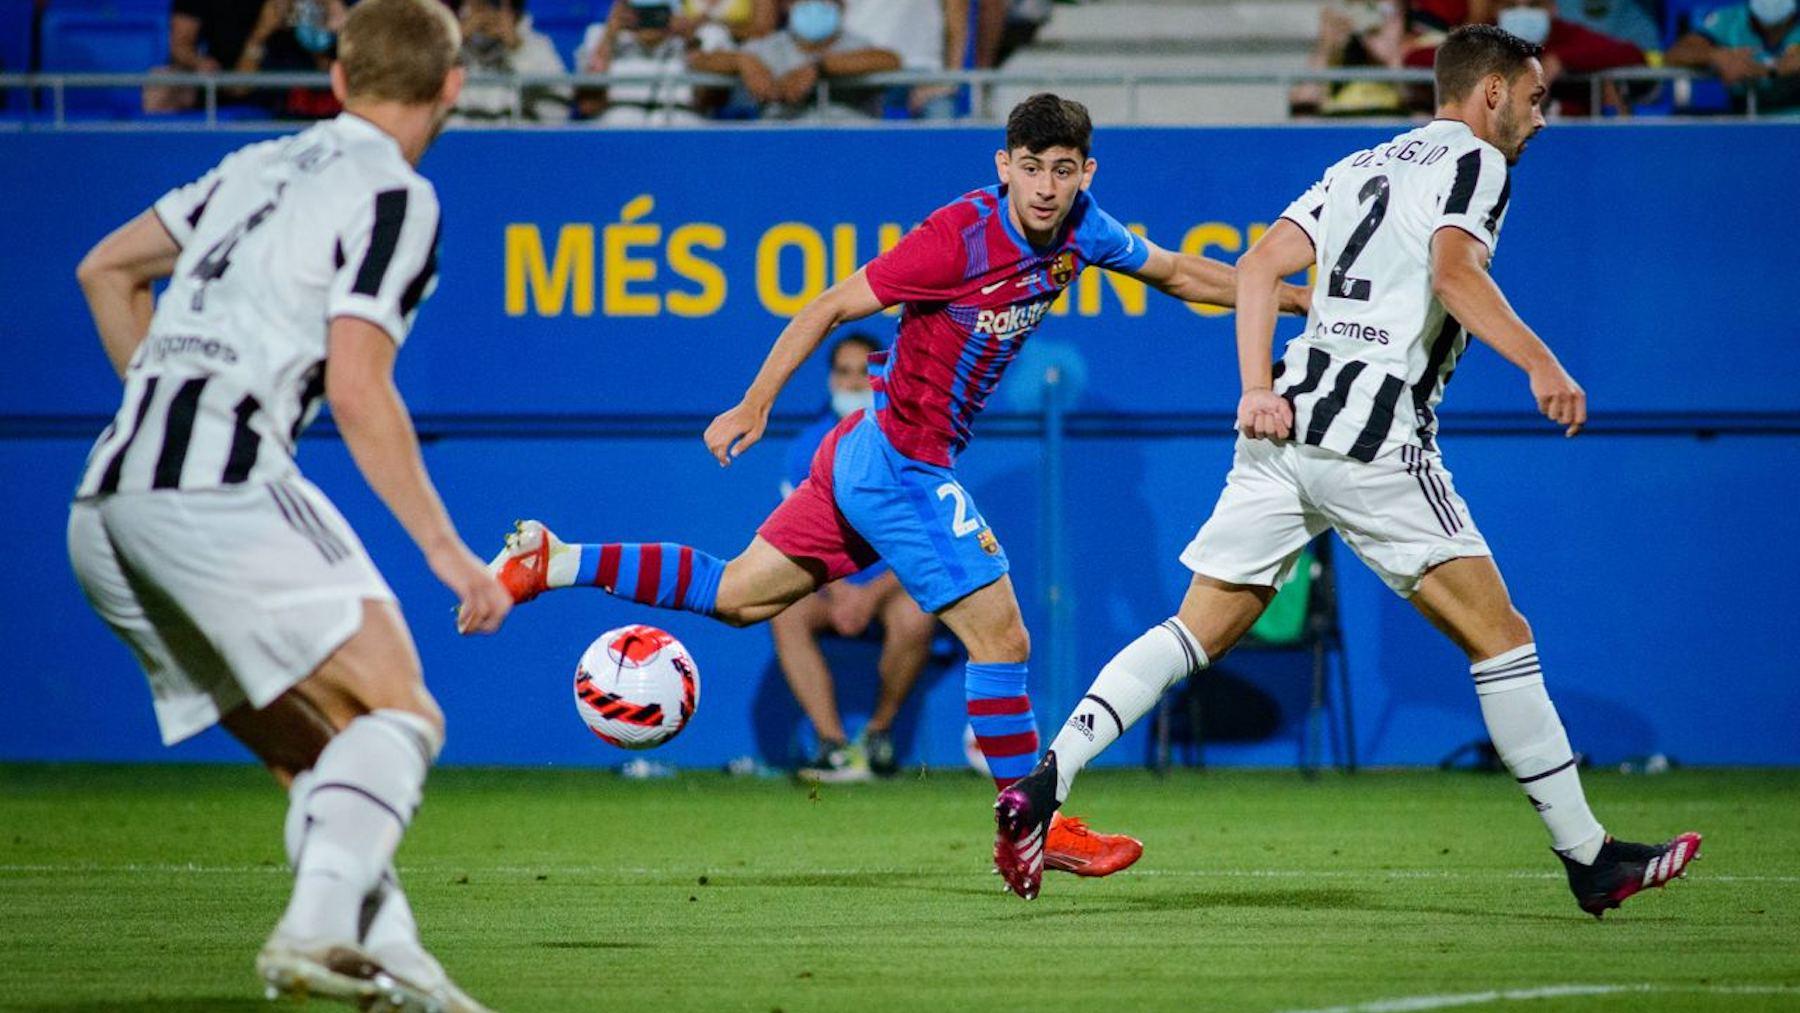 El culé Demir, en una acción del partido ante De Sciglio. (@FCBarcelona_es)